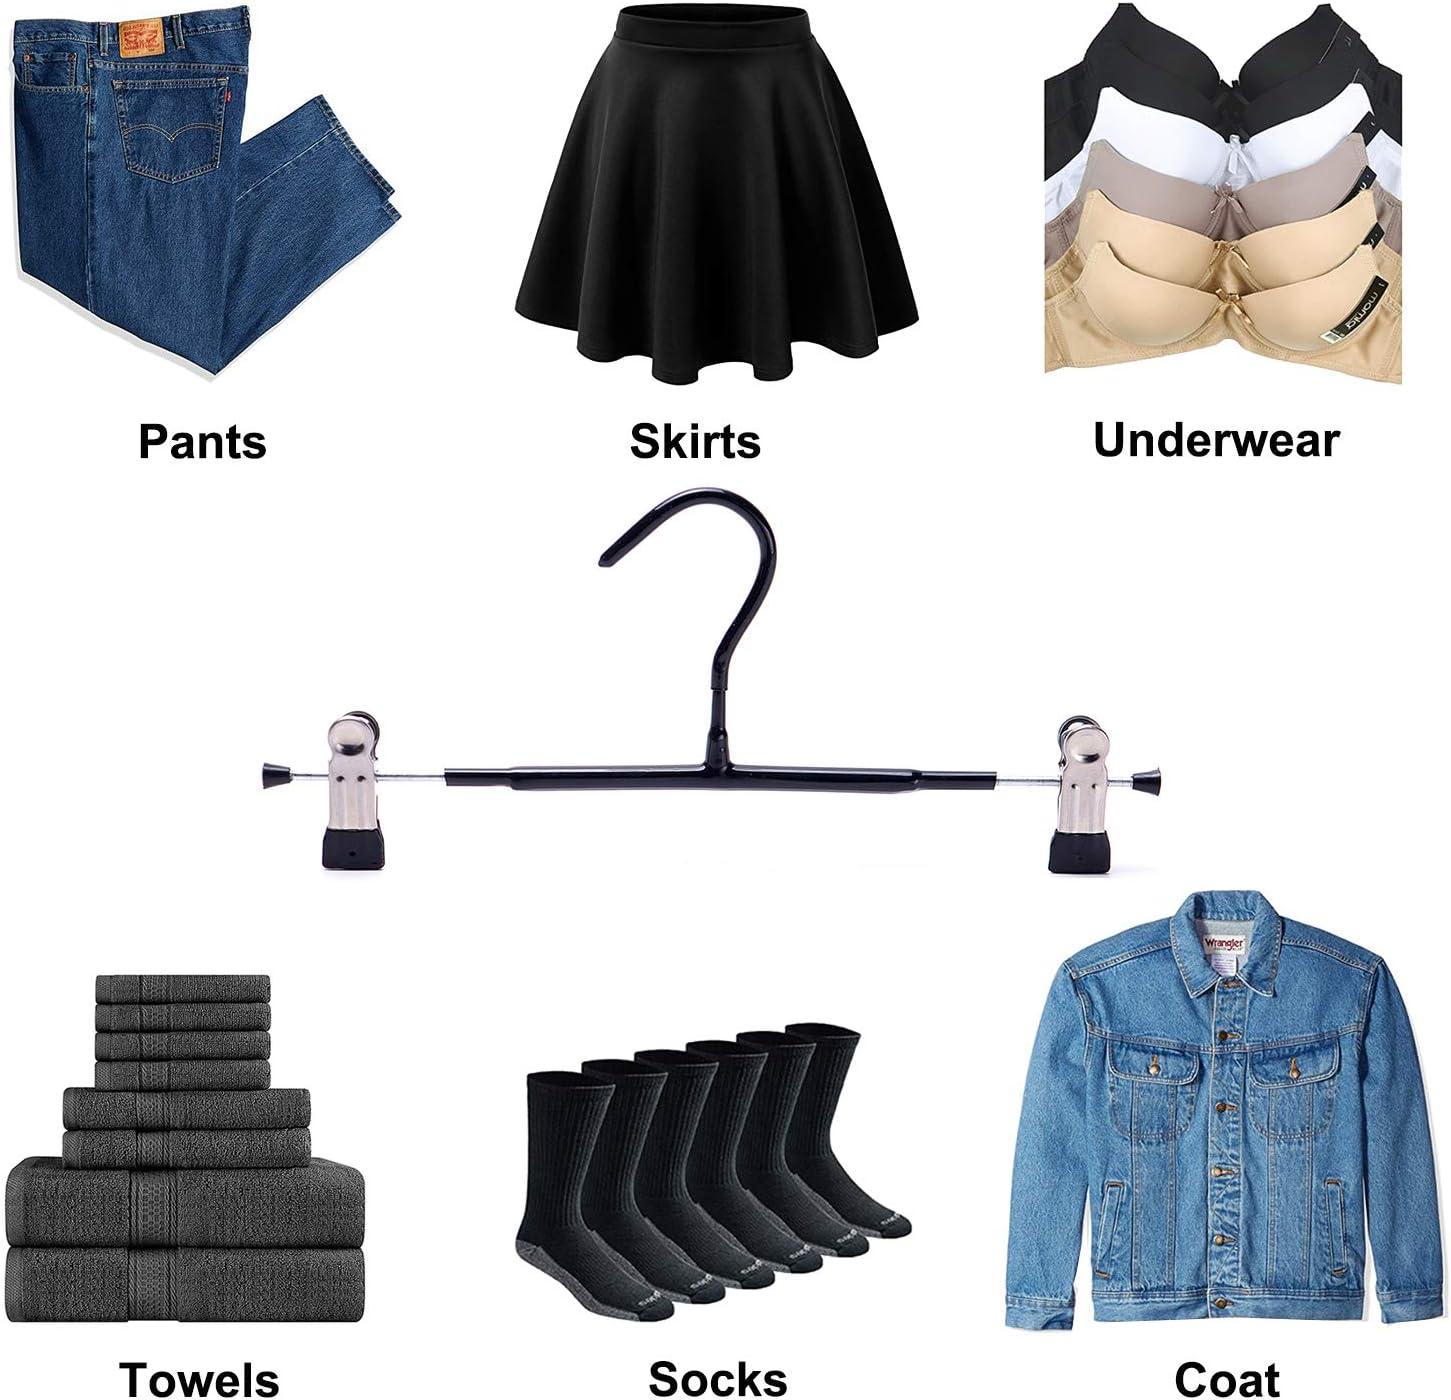 VEHHE Percha para pantal/ón y Faldas con Clips Ajustables 20 Unidades Negro Perchas para Ropa Pantalones Cortos para Vaqueros Perchas con Recubrimiento de Goma Antideslizante Ahorro de Espacio